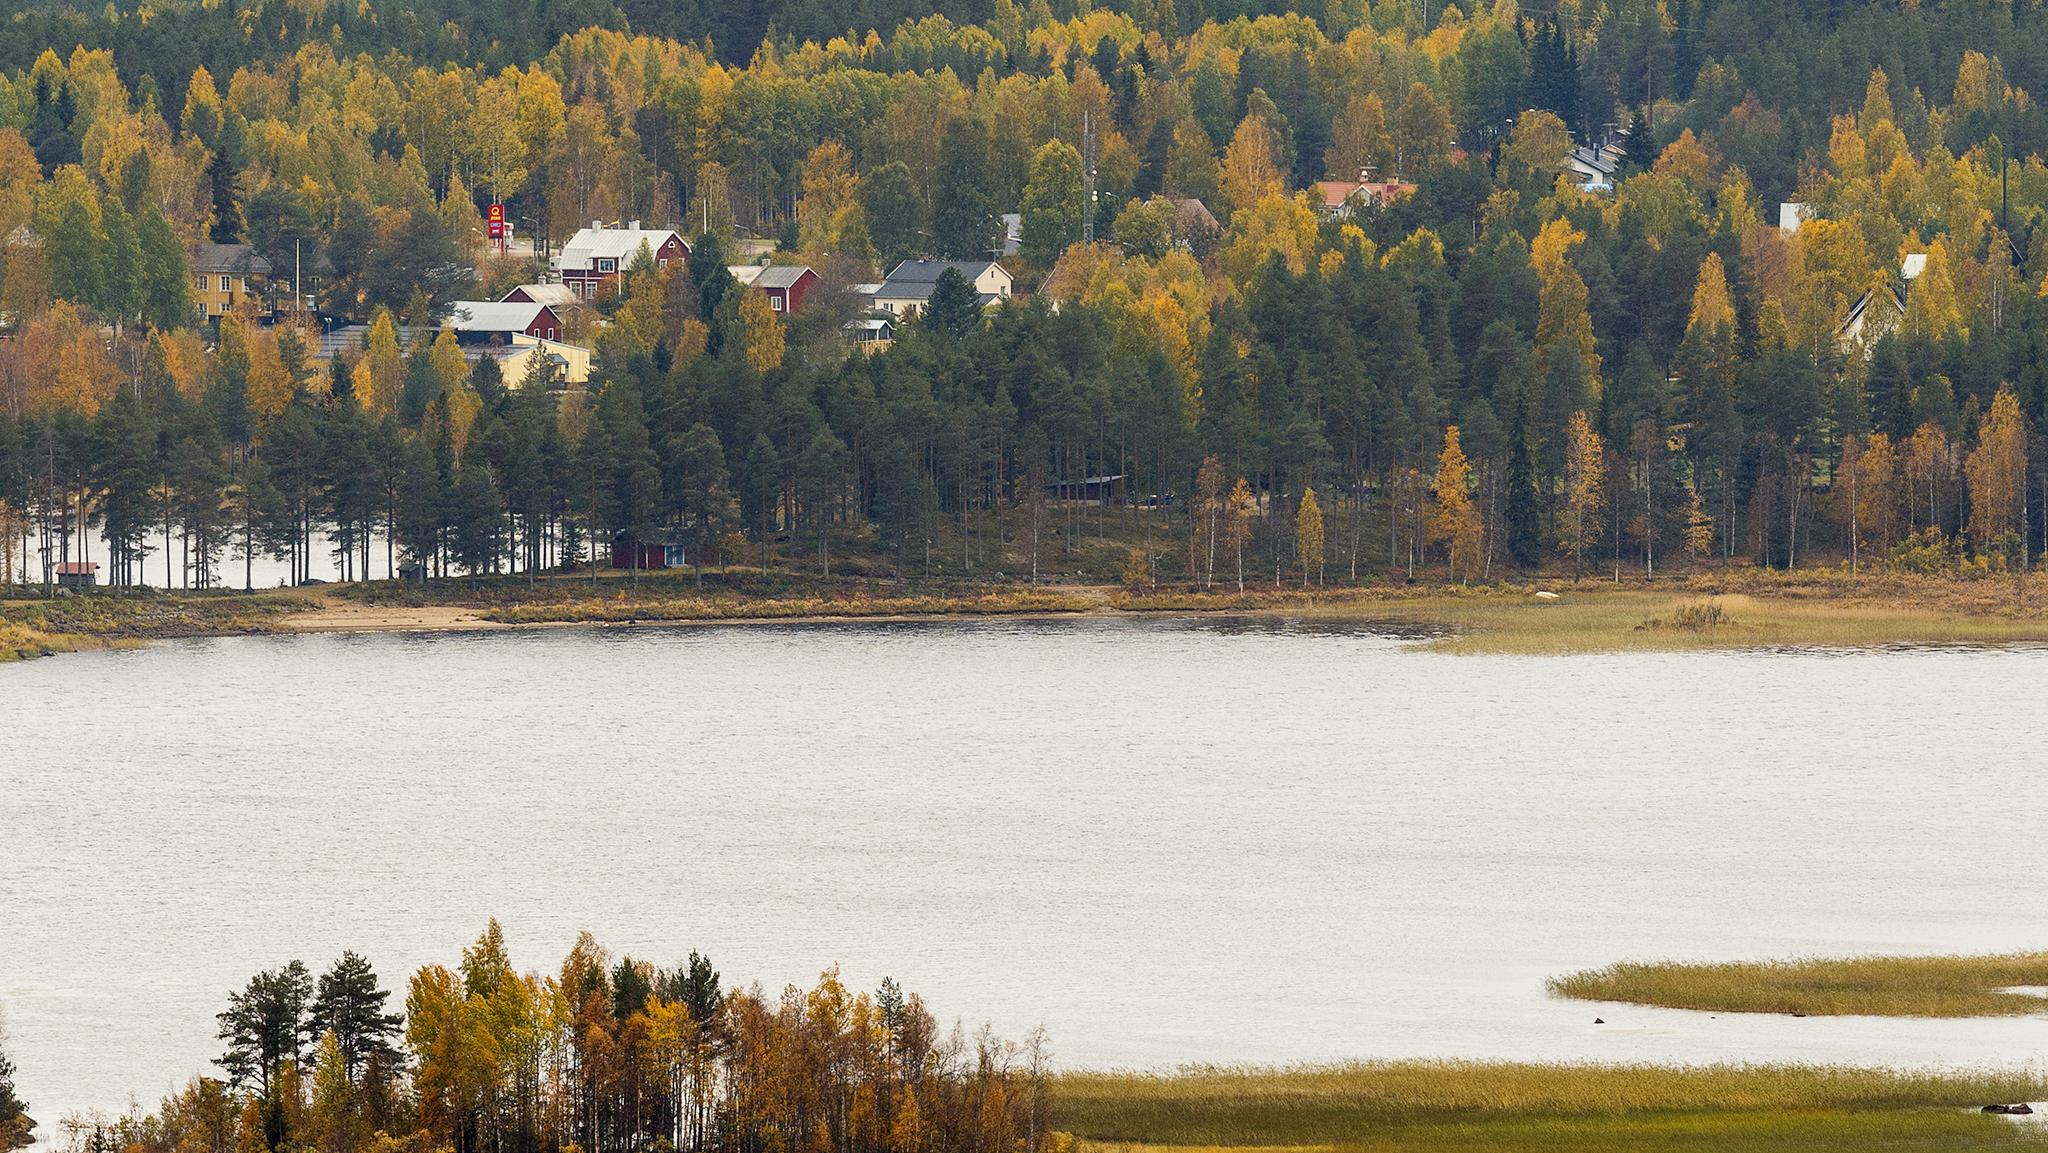 Vatten, skog och några hus i Gunnarsbyn